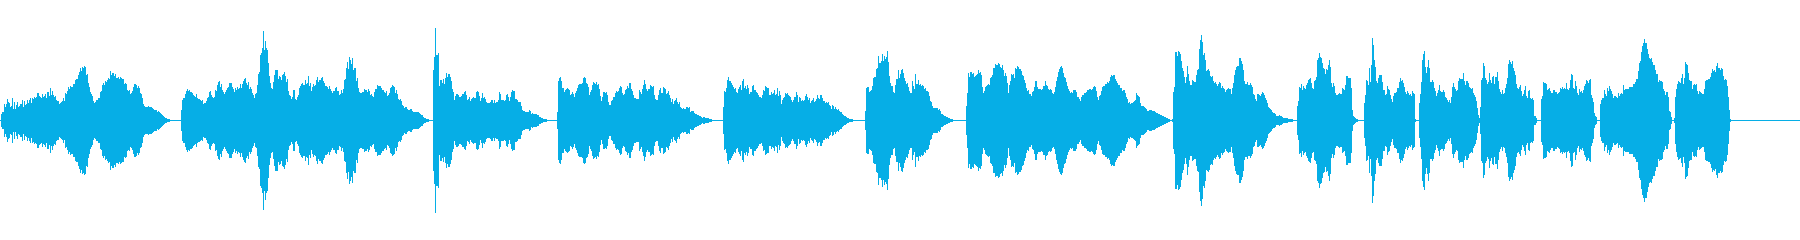 車両は未来的な音の再生済みの波形